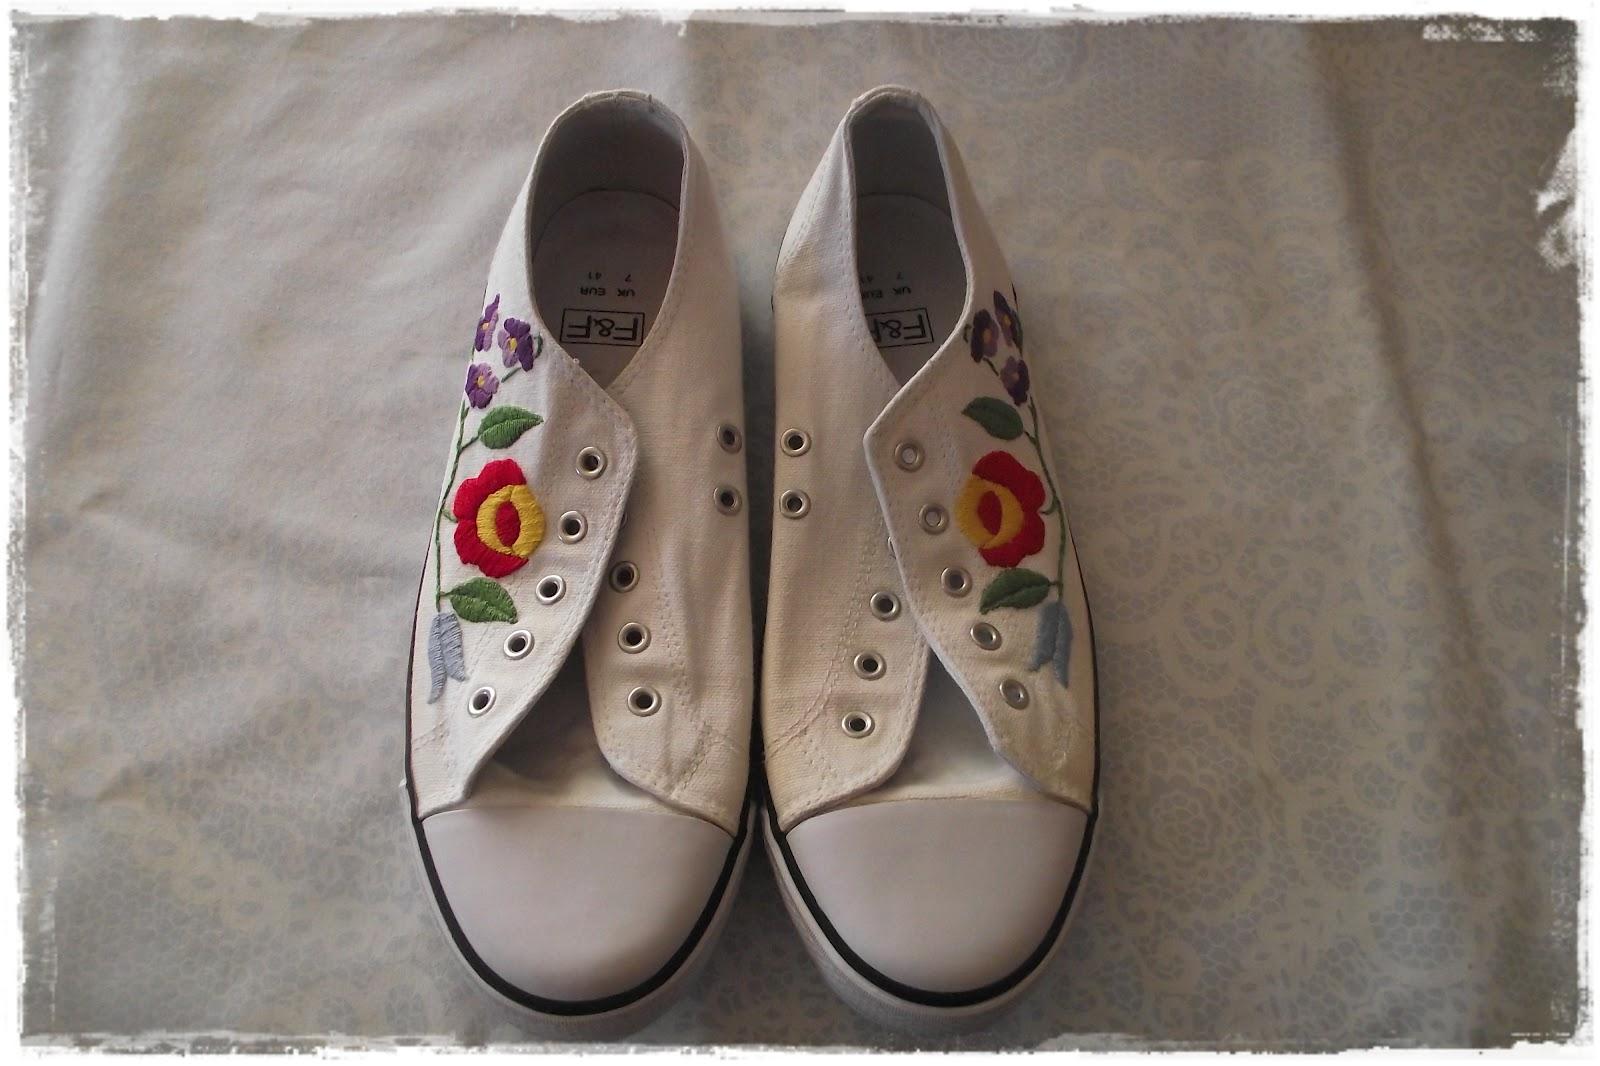 87fd7b91a9 Mikre nem hagyom magam rávenni. ( Bár nem tartott sokáig. :) ) Azt hiszem  ez volt az első, s egyben utolsó cipő. Lassabban megy, mint gondoltam.